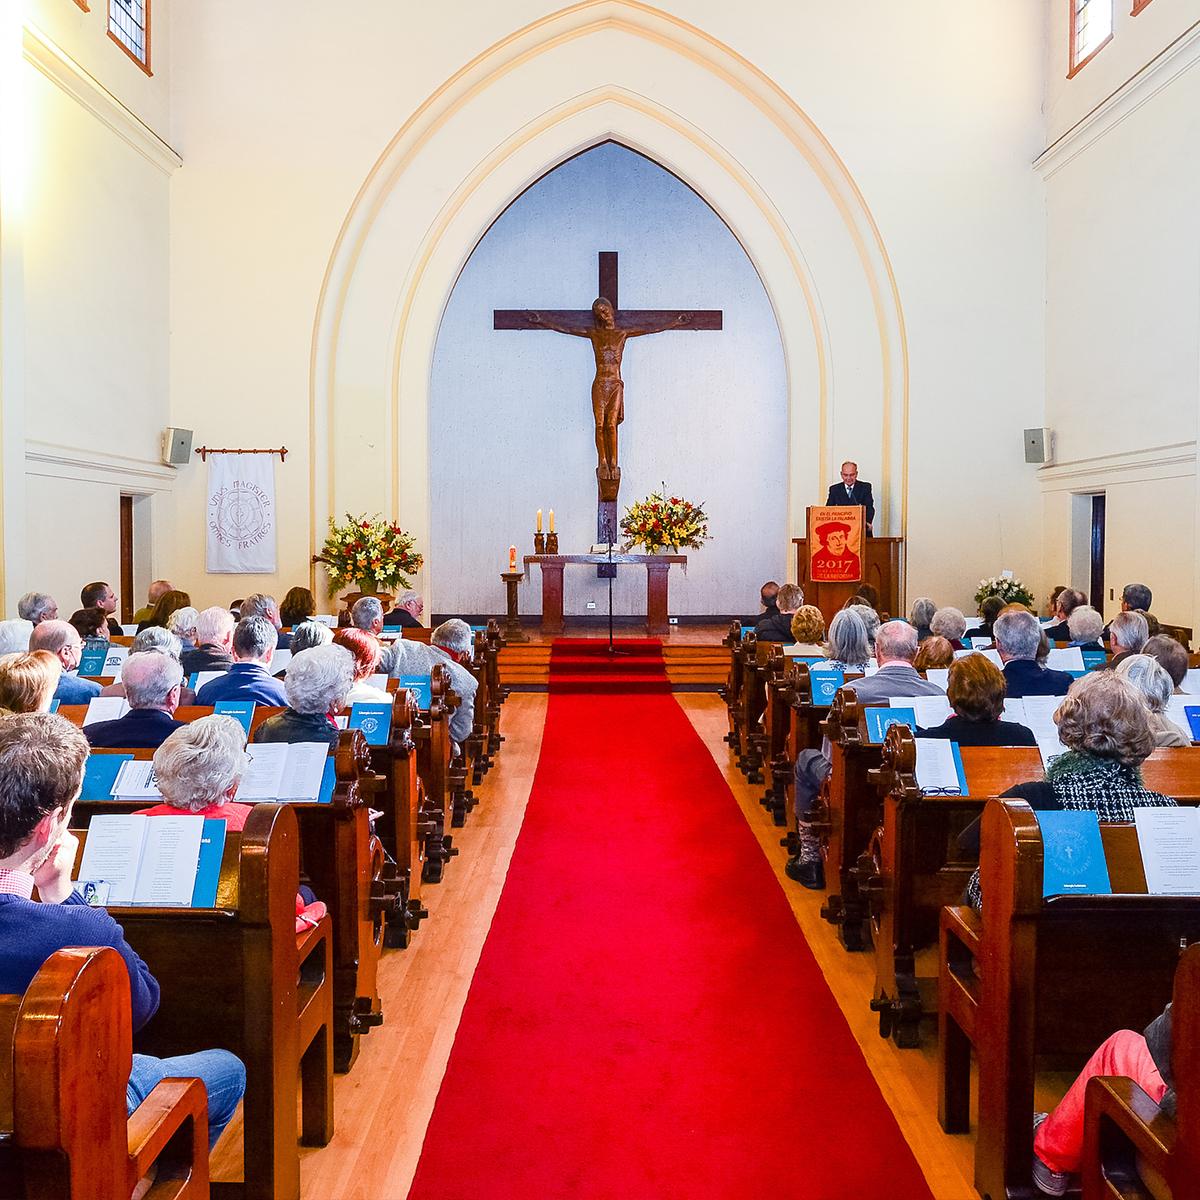 iglesia-luterana-en-santiago-providencia